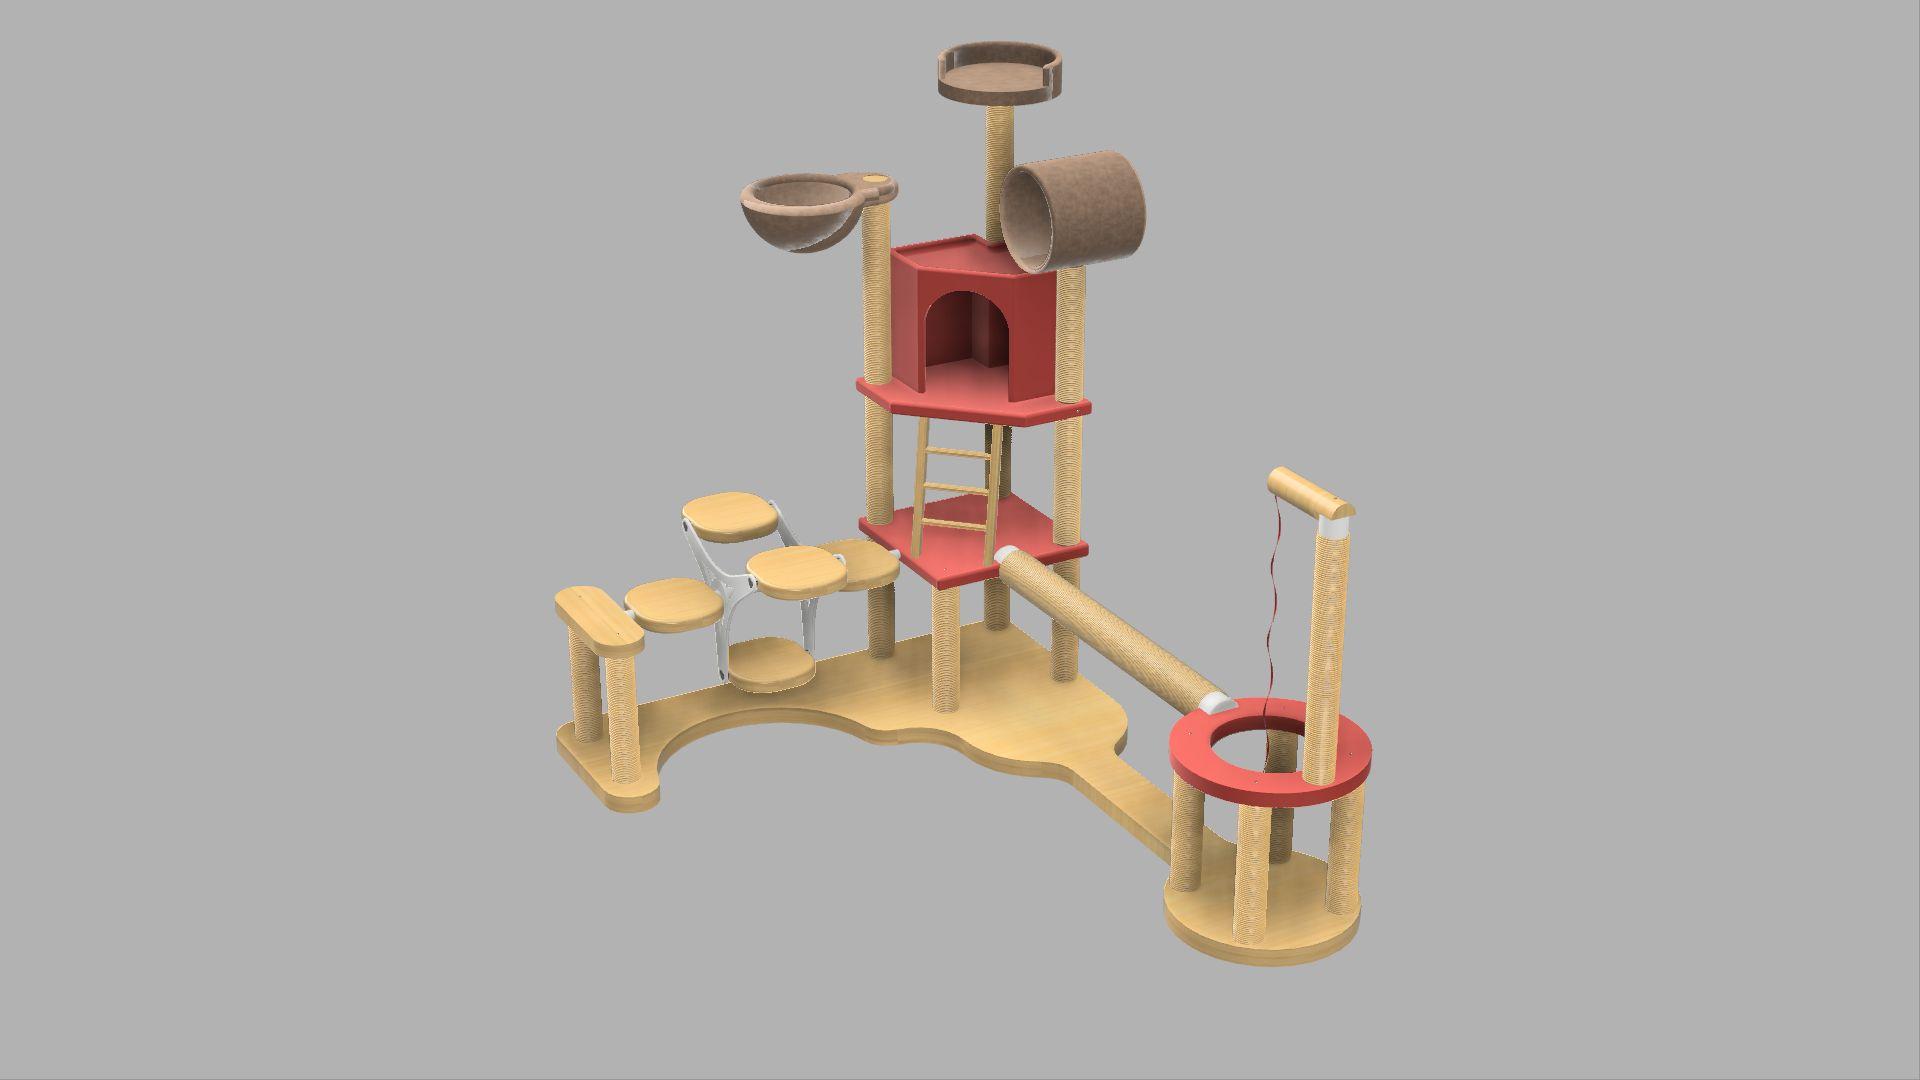 Cat-playground-2-3500-3500